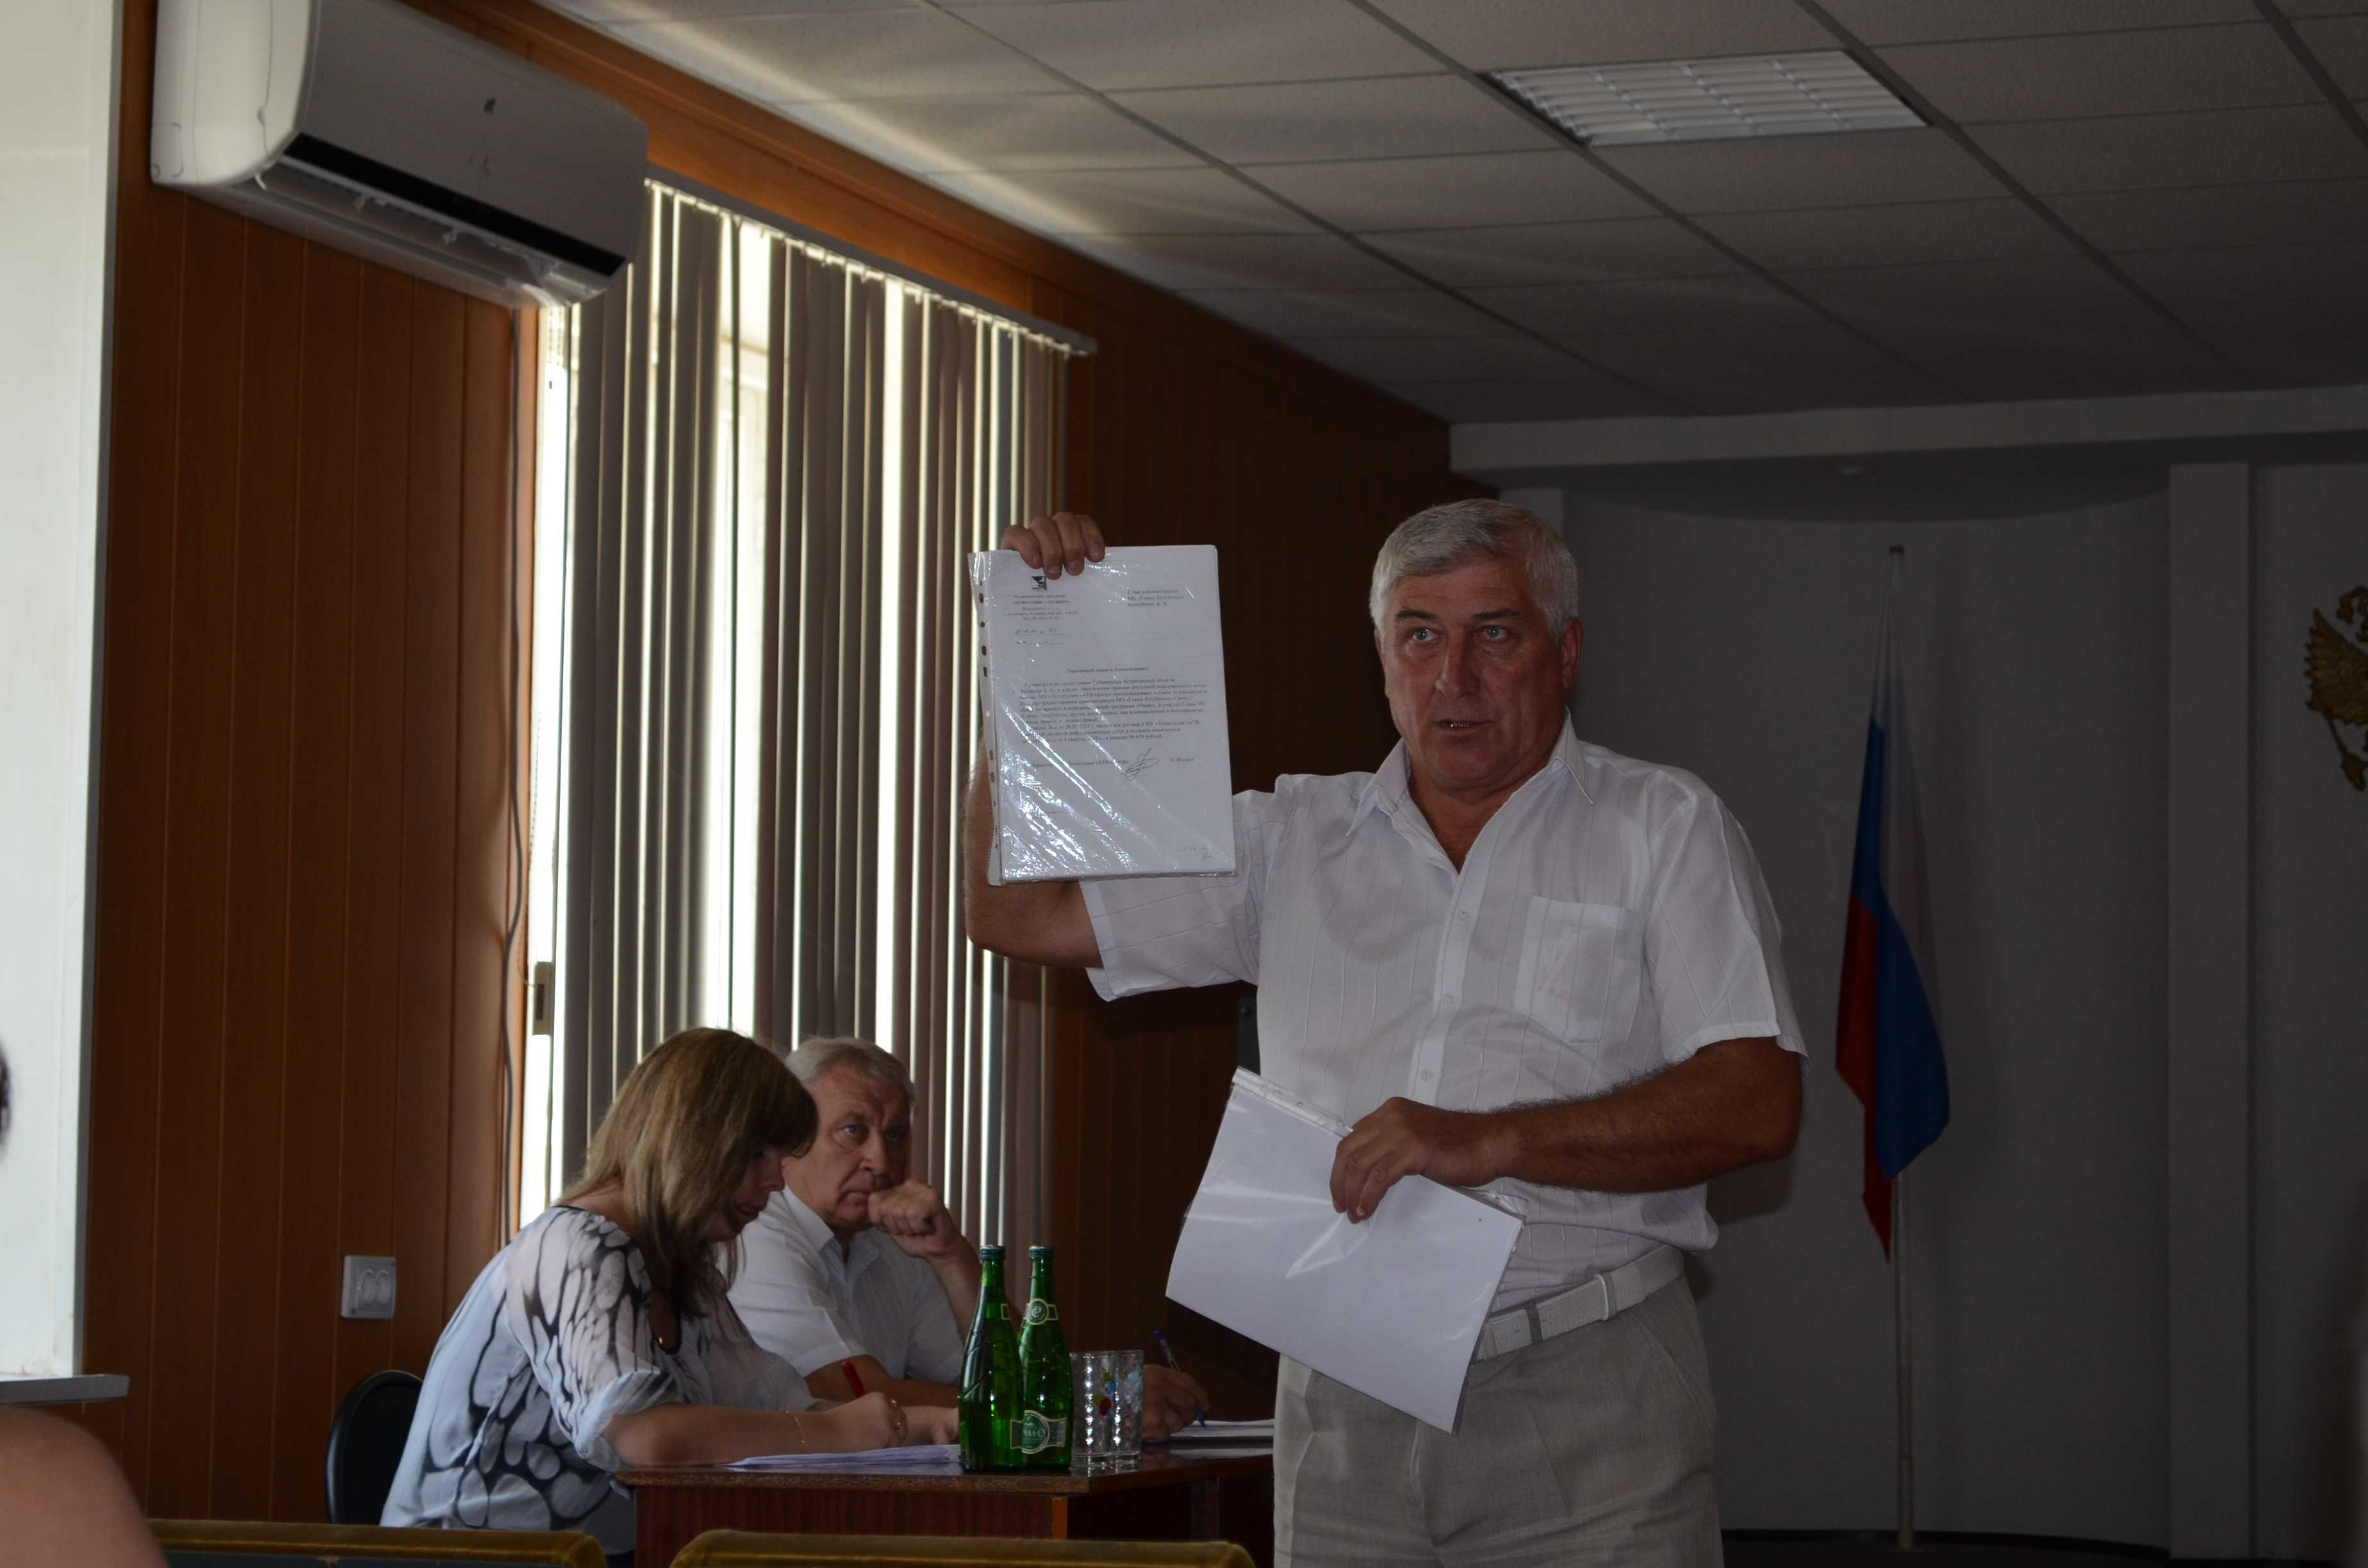 Ситуация в Ахтубинске может обернуться второй кущевкой — высказал свою точку зрения депутат Думы Астраханской области Фурик А.А.